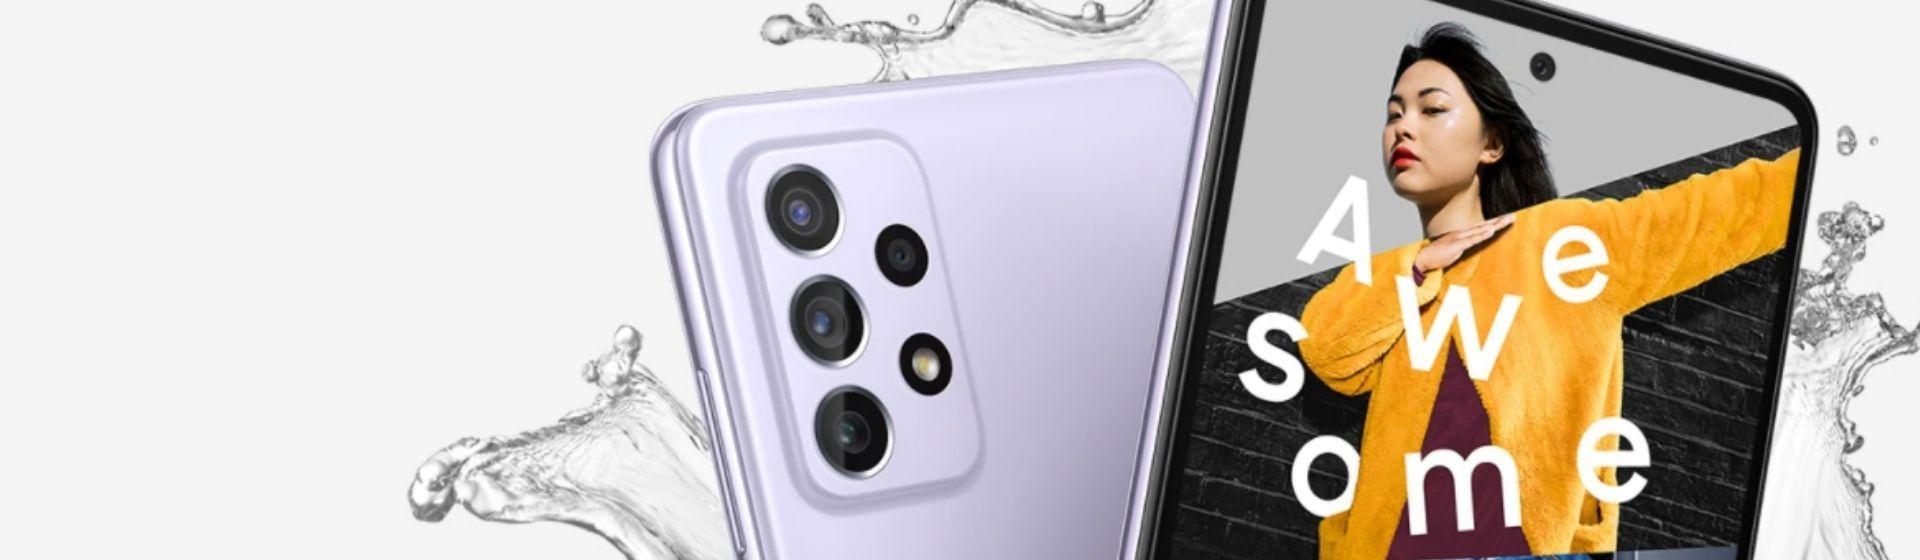 Galaxy A: veja celulares da linha da Samsung para comprar em 2021